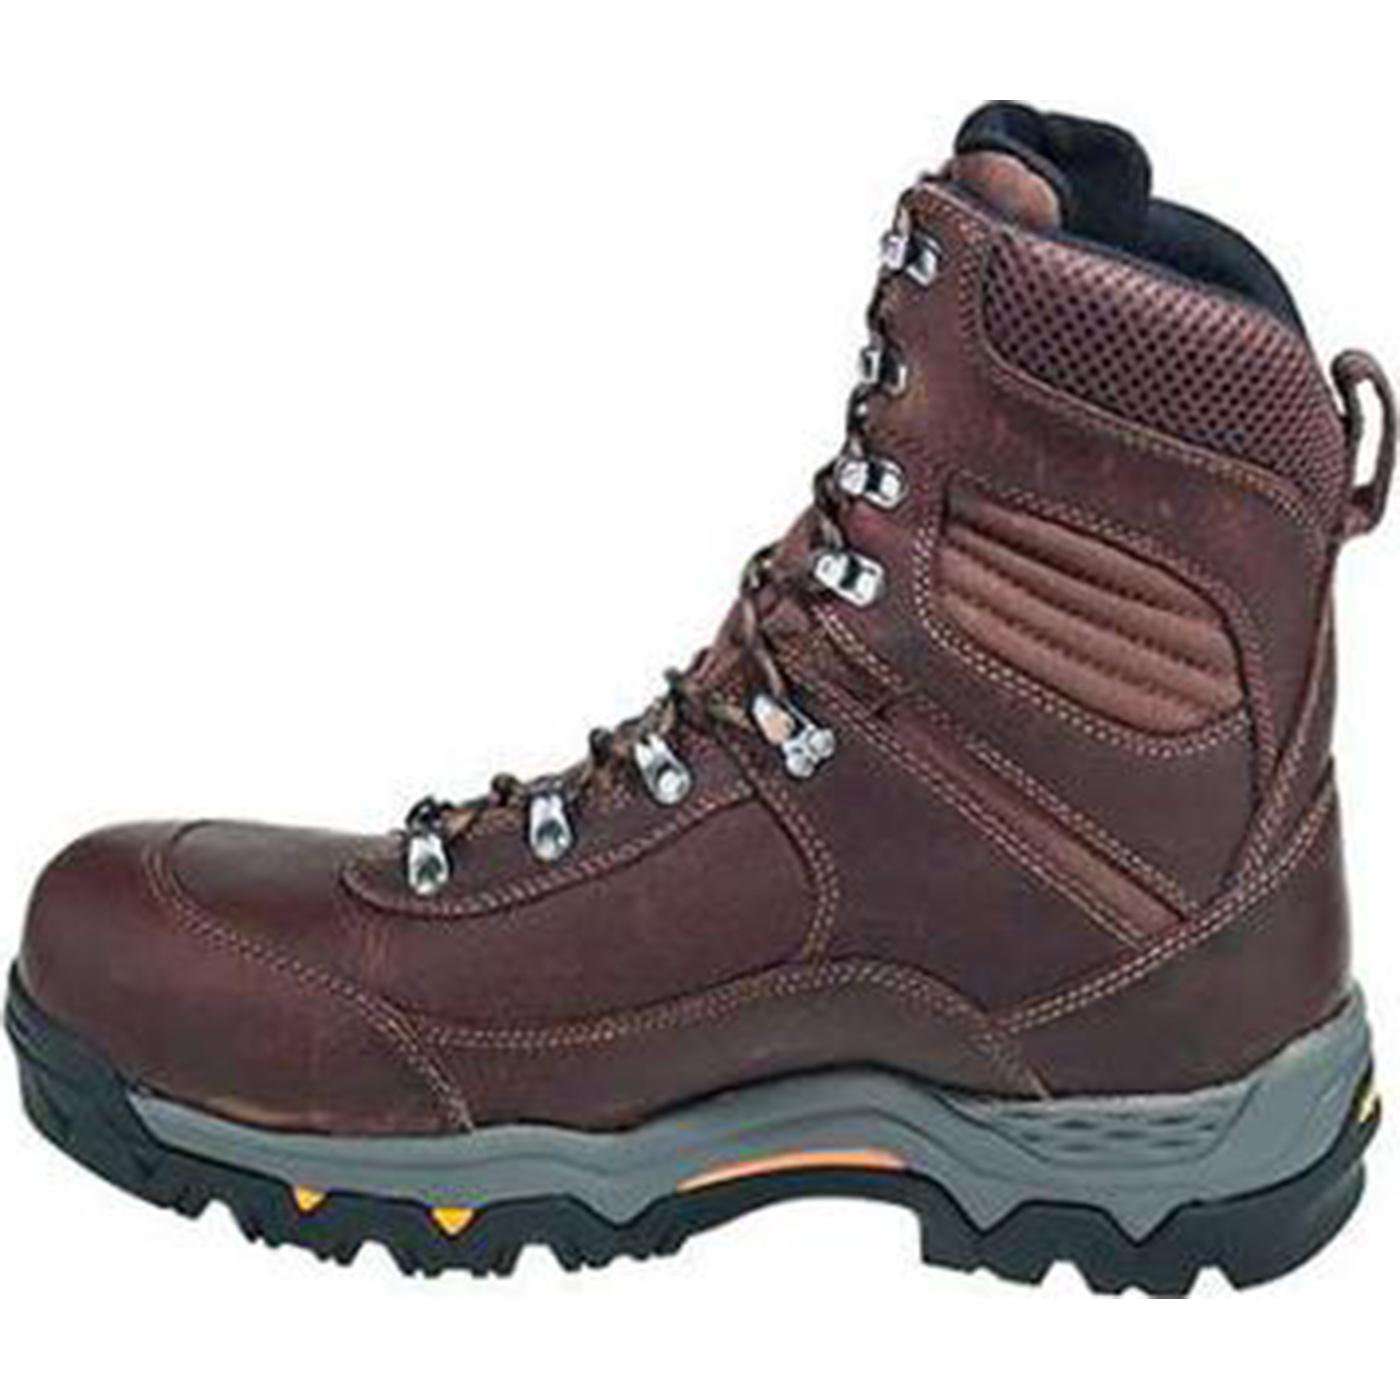 Ariat WorkHog Trek Composite Toe Waterproof Insulated Work Boot